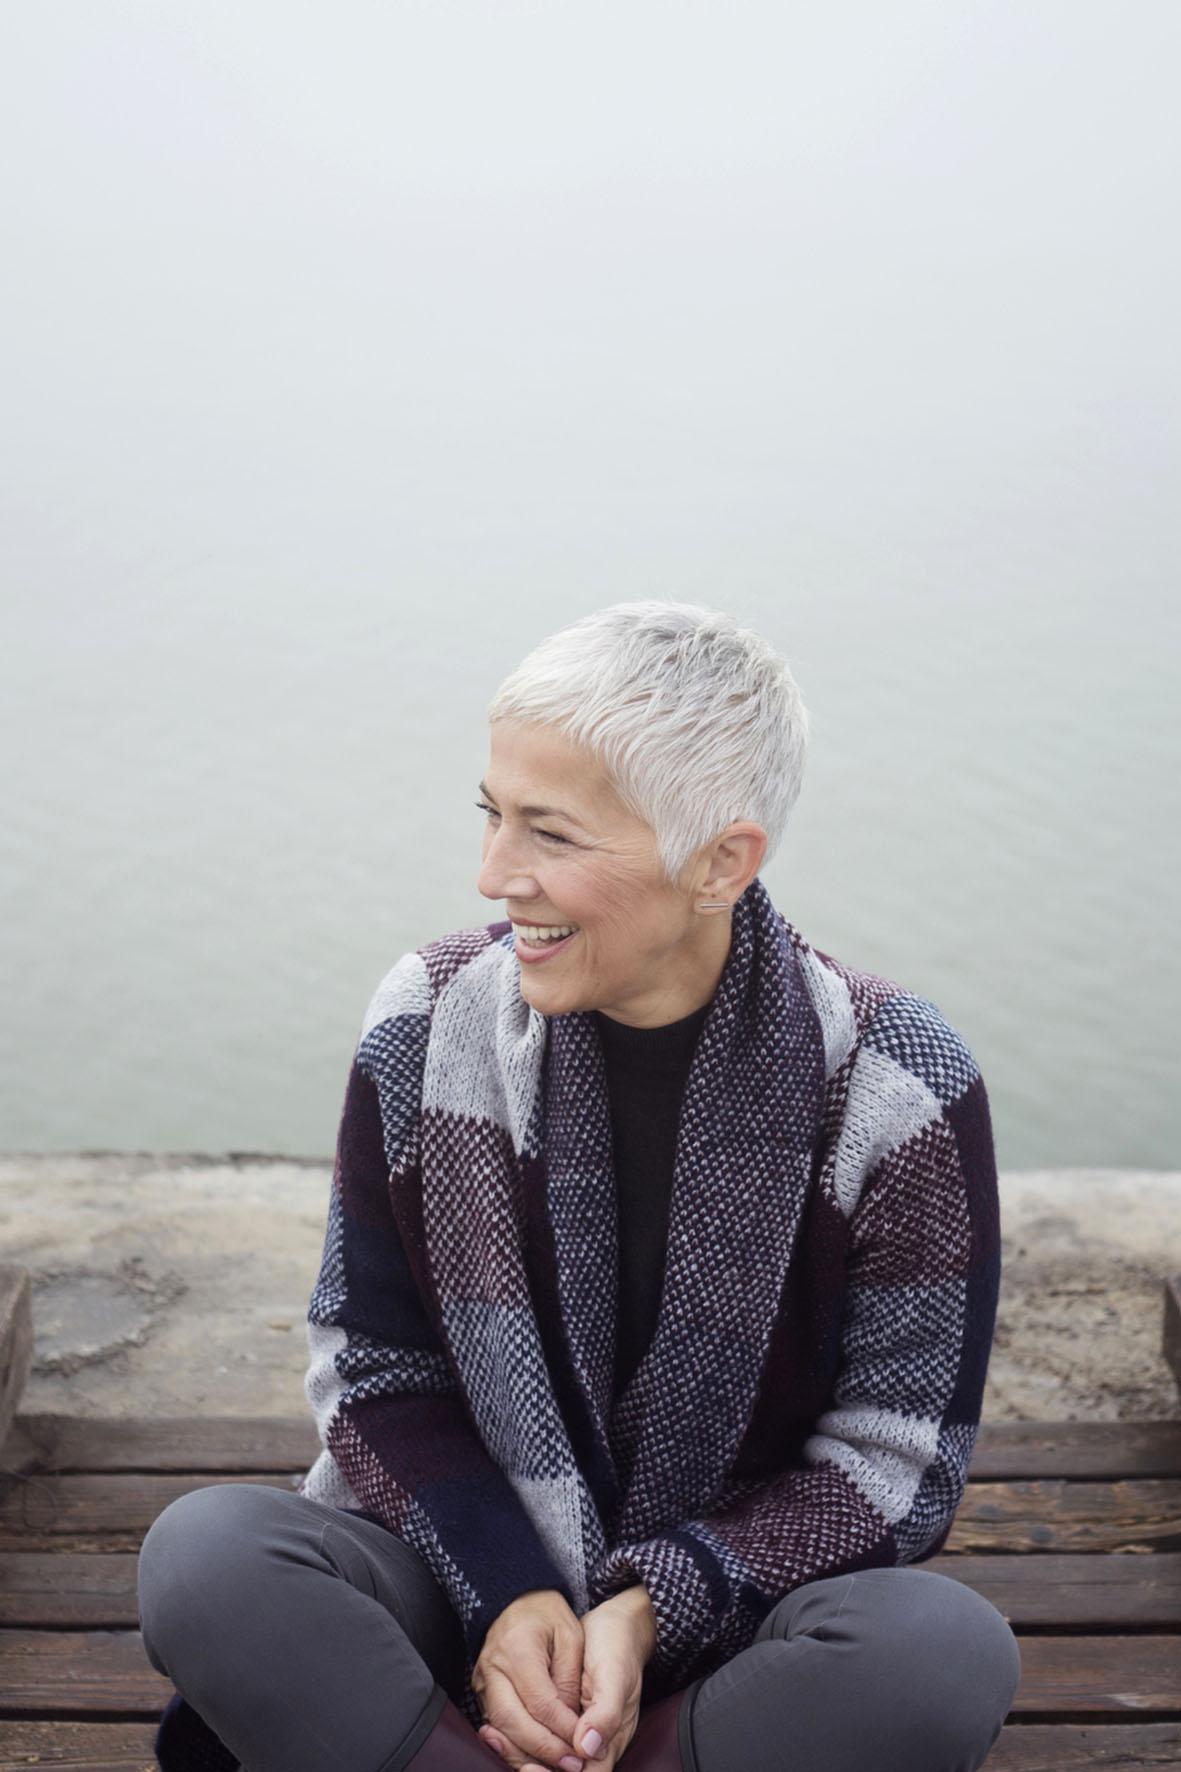 Wenn in den Wechseljahren die Östrogenspiegel sinken, geht der Schutz der Hormone etwa vor Gefäßerkrankungen und Osteoporose verloren.